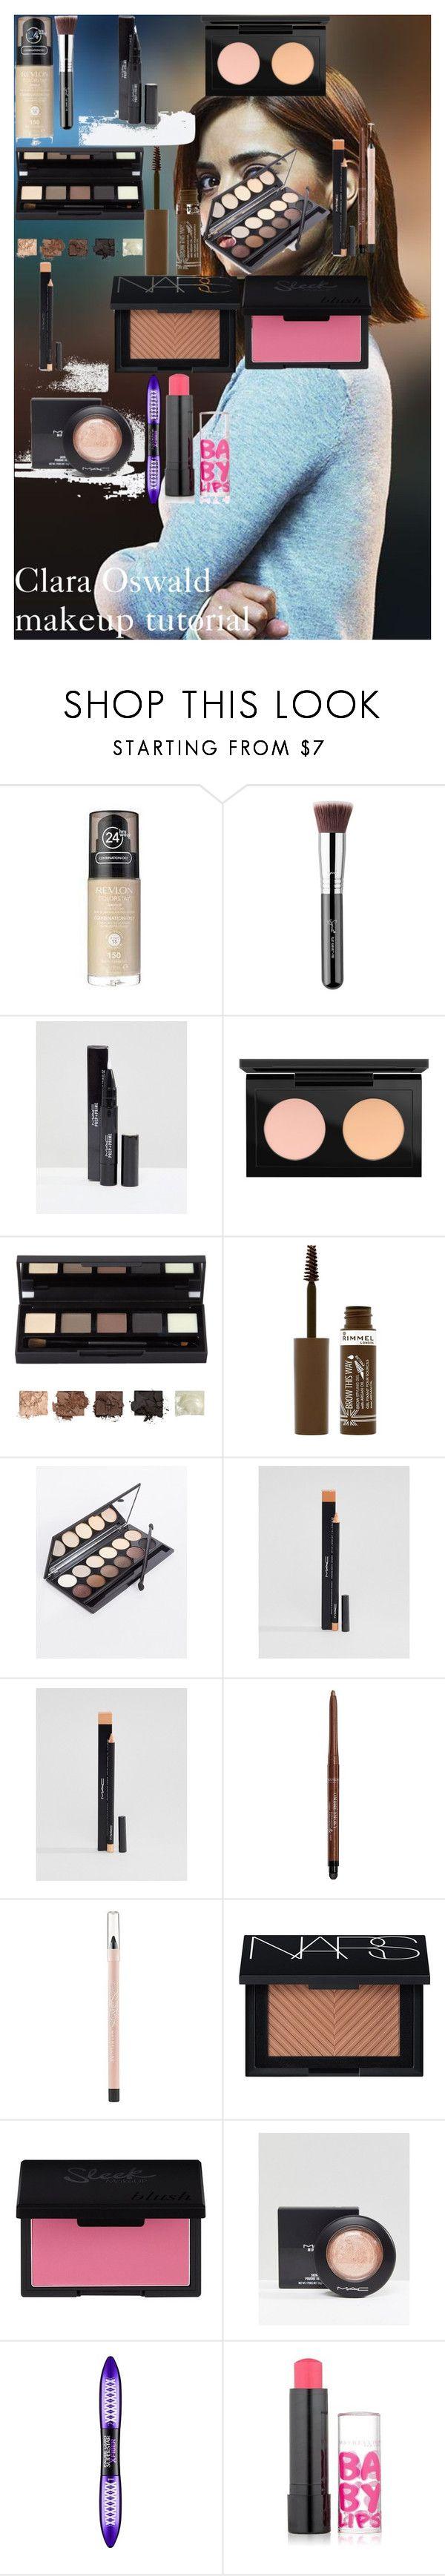 Clara Oswald Makeup Tutorial My Polyvore Finds Pinterest Clara